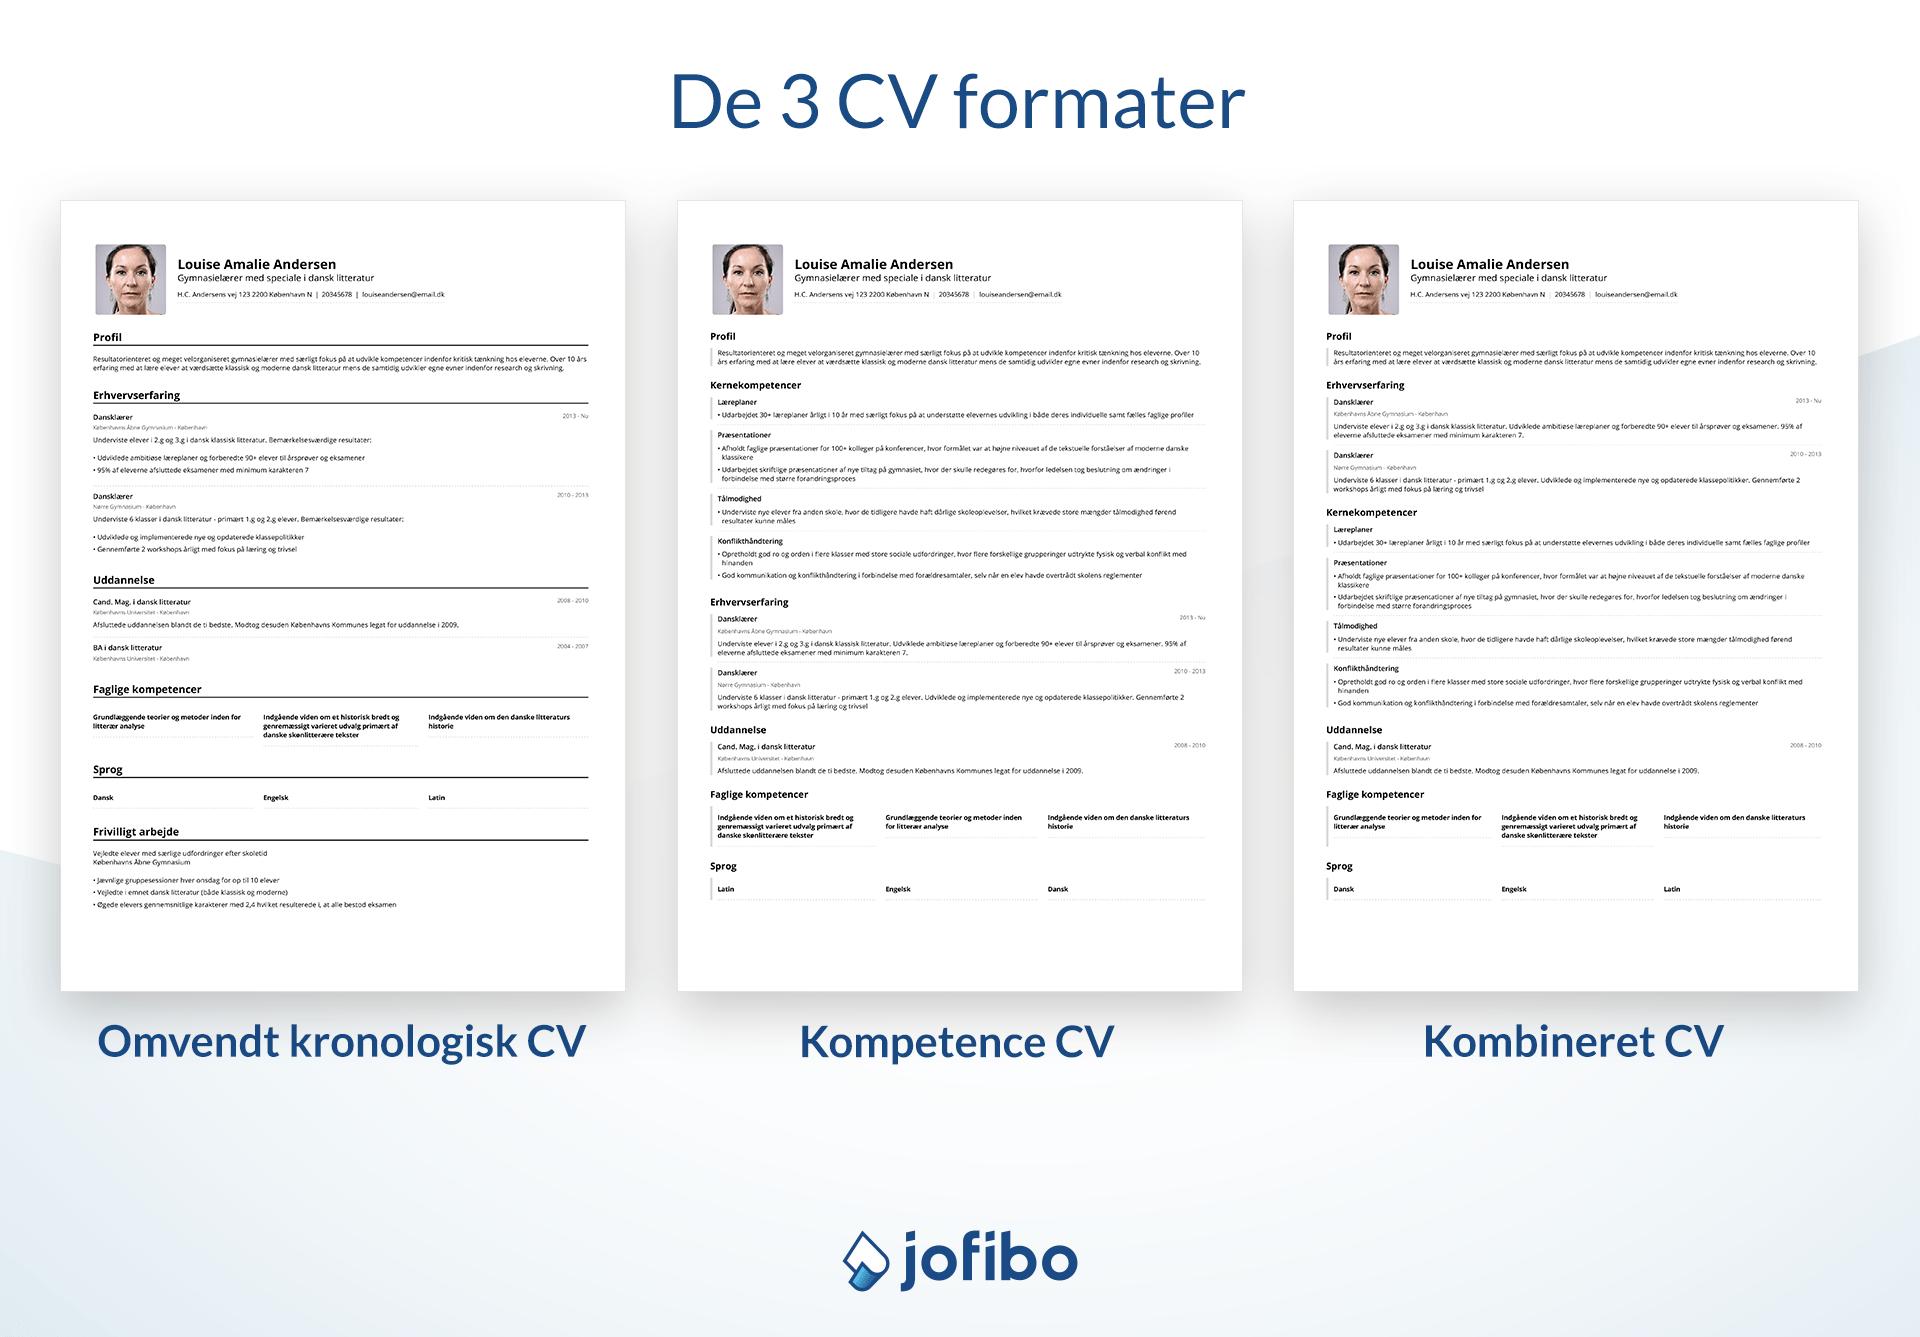 Illustration af de 3 CV formater omvendt kronologisk CV format, kompetence CV format og kombineret CV format med CV eksempler